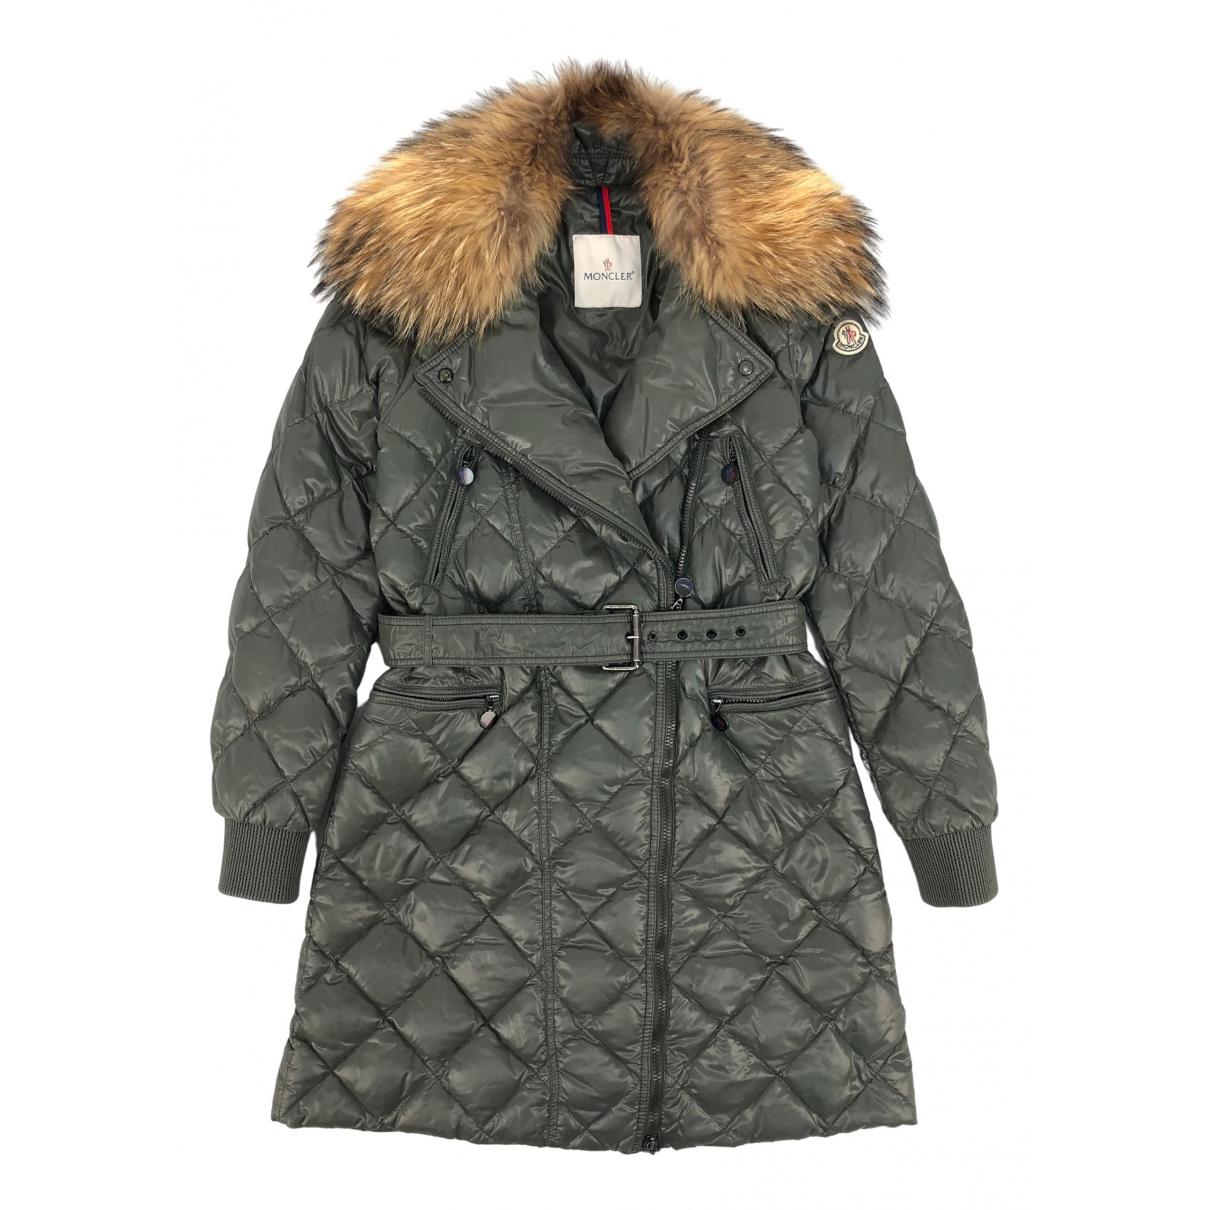 Moncler \N Green coat for Women S International